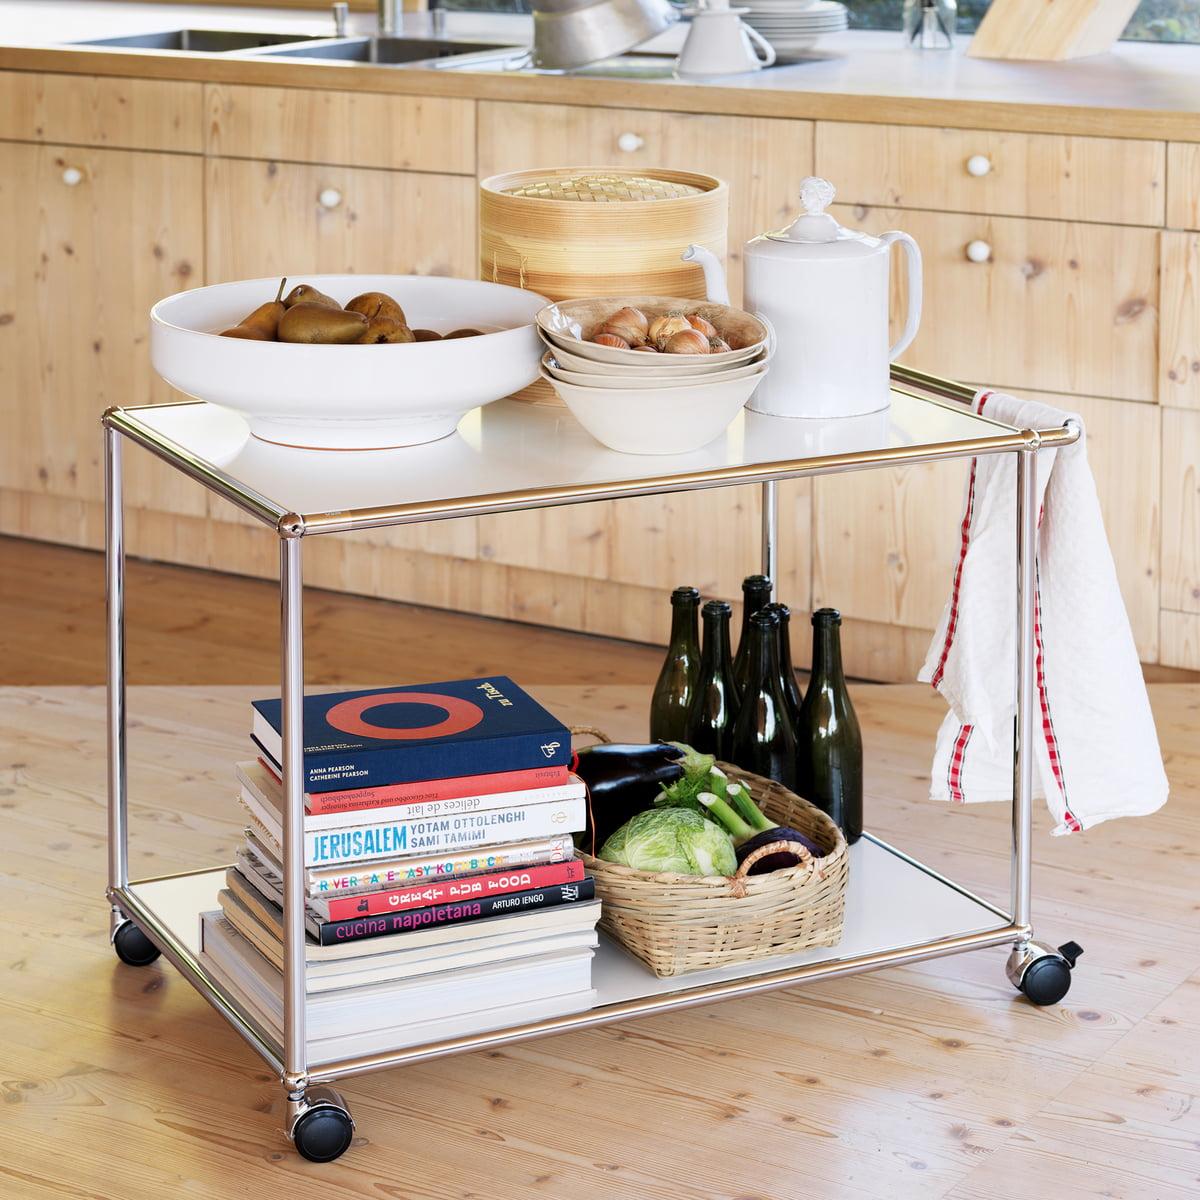 Full Size of Servierwagen Küche Holz Servierwagen Küche Ebay Servierwagen Küche Ikea Servierwagen Für Küche Küche Servierwagen Küche